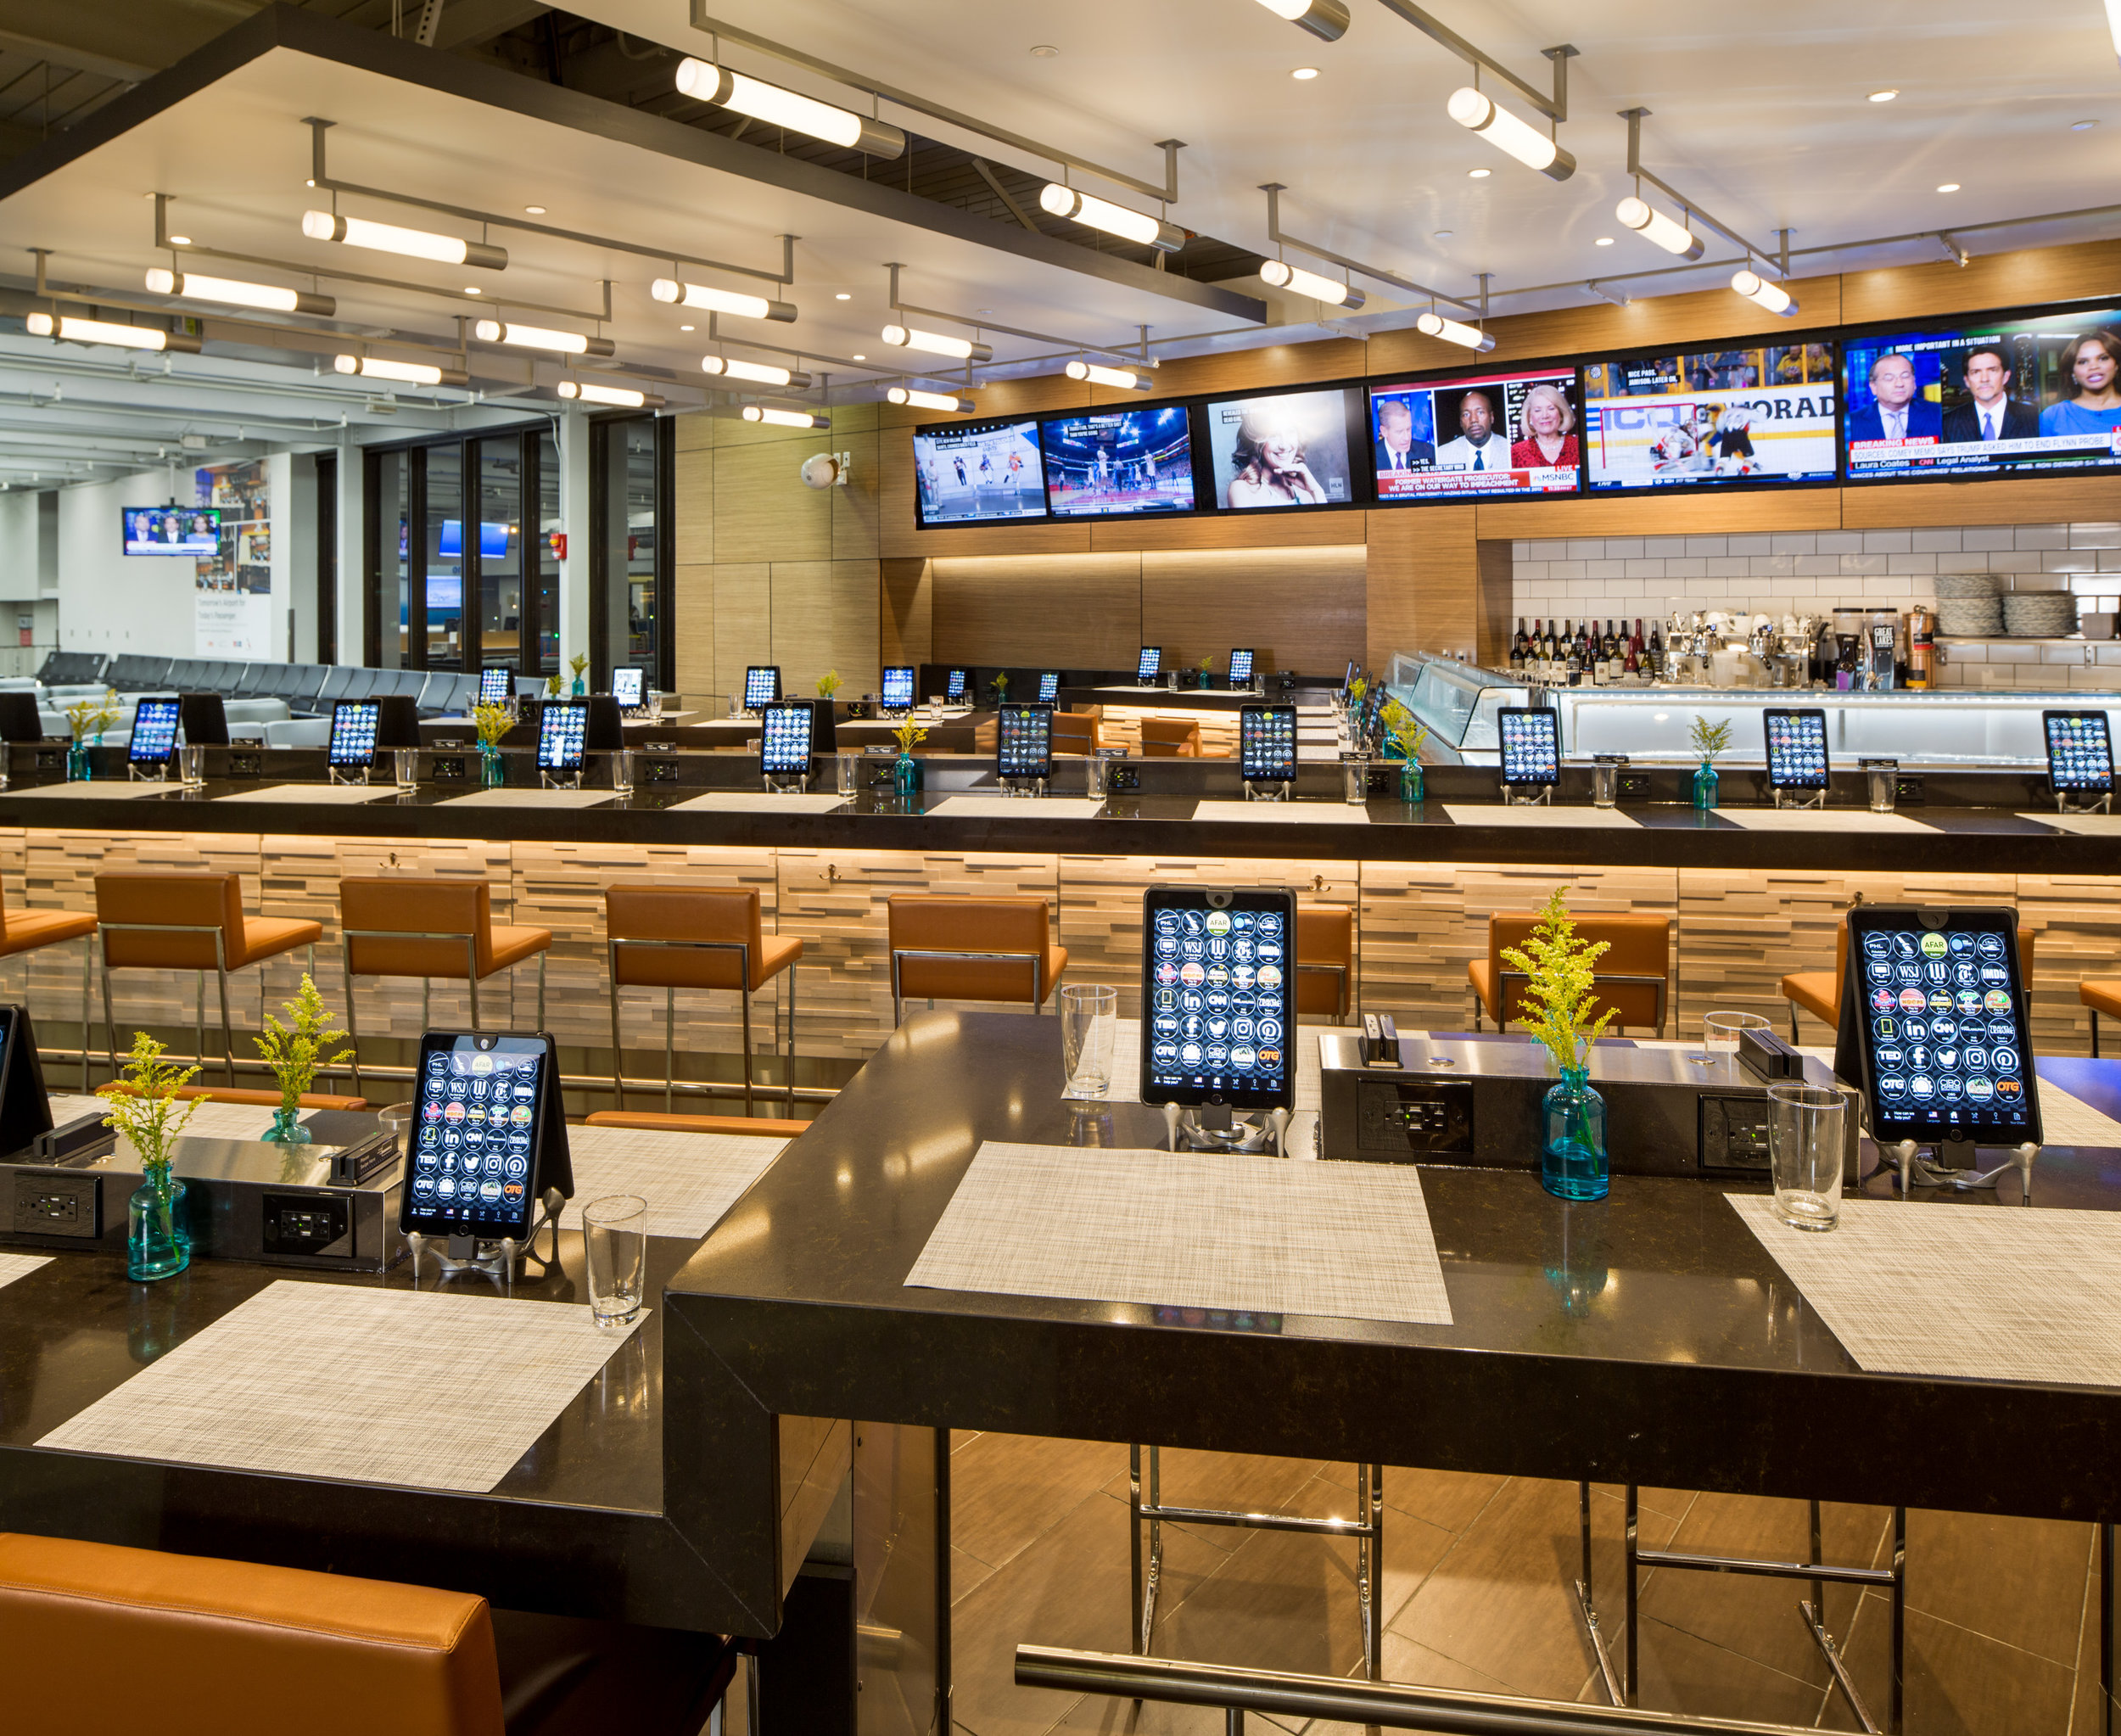 Mezzogiorno, Terminal B, Philadelphia Airport